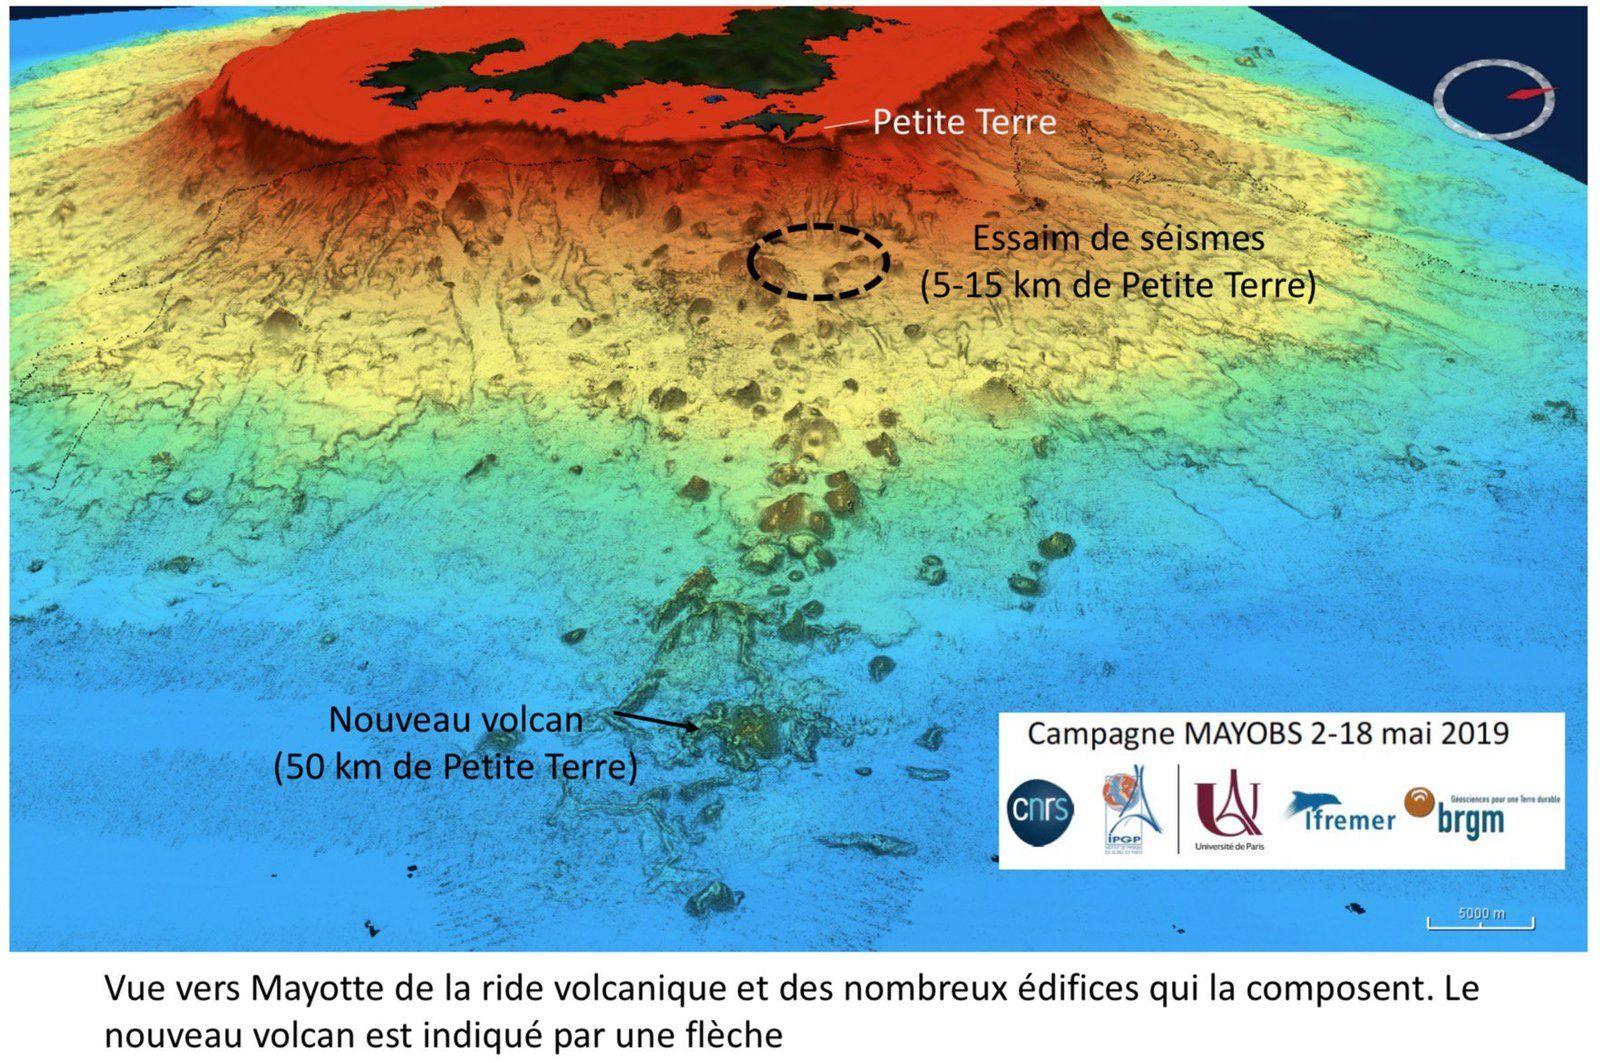 Mayotte - situazione dell'isola (parti sommerse ed emerse) e la cresta vulcanica con i suoi edifici - il nuovo vulcano è segnalato - Doc. Campagna MAYOBS dal 02 al 18.05.2019 - CNRS / IPGP / IFREMER / BRGM / Univ Paris